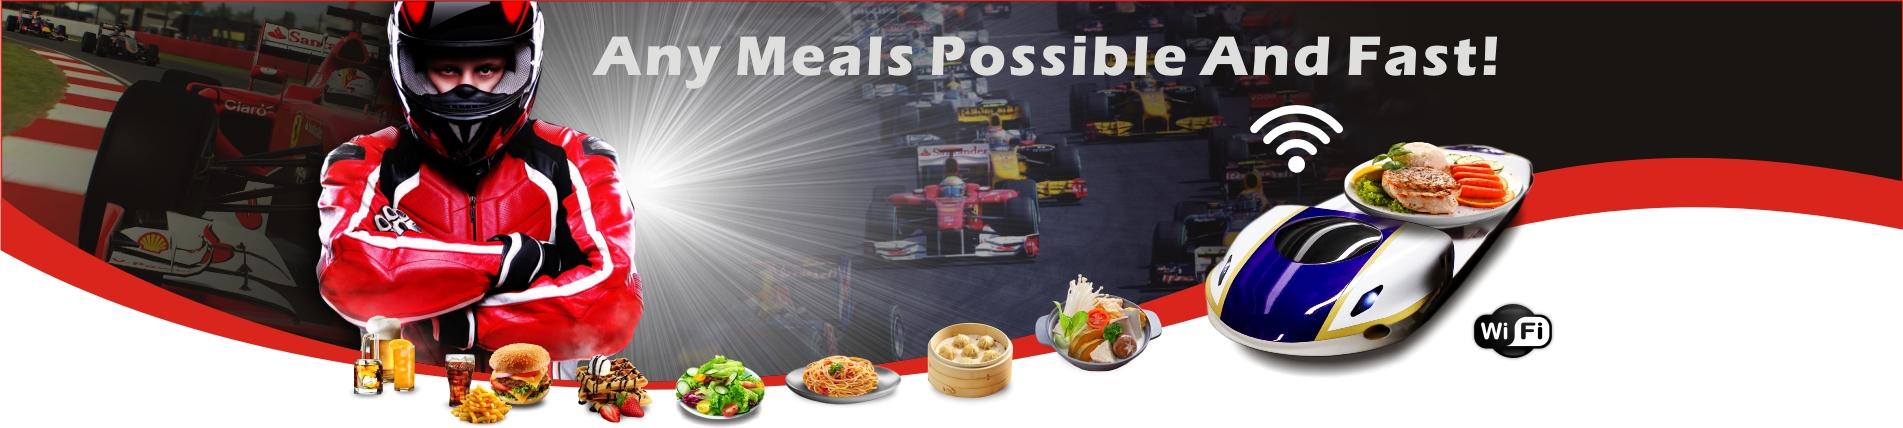 楽しいスマートな食事の配達食事を正確に配達することができます